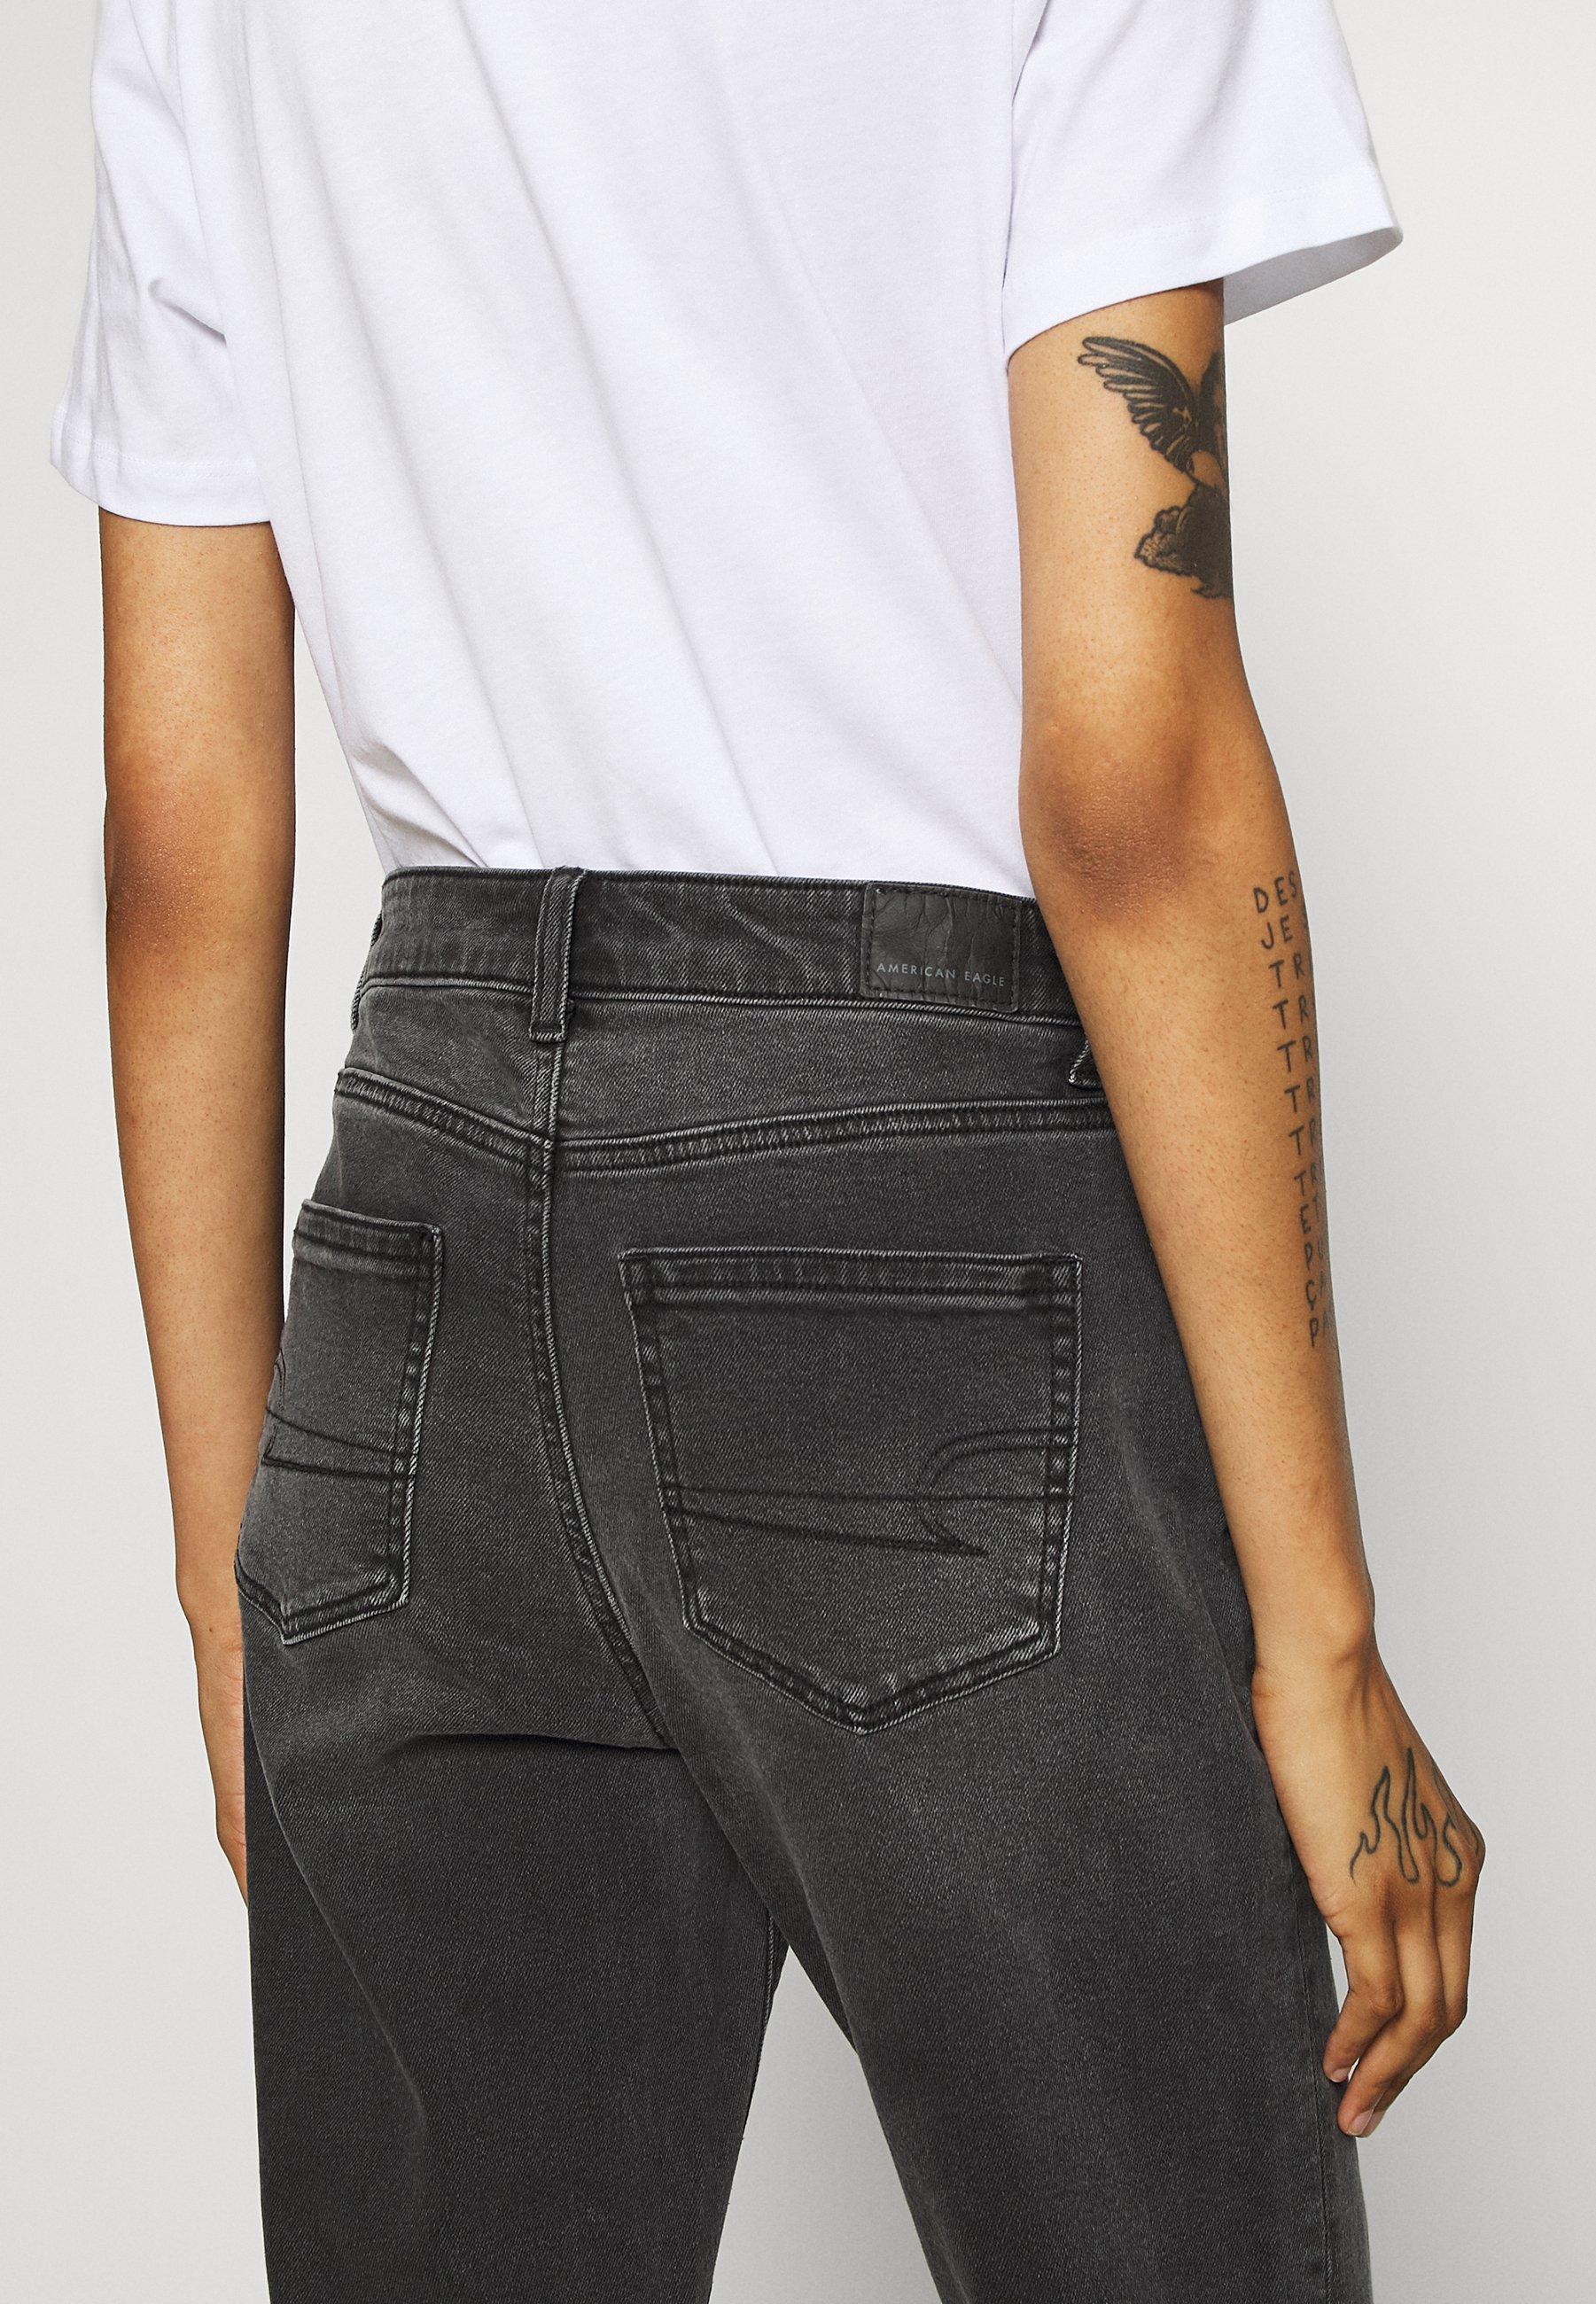 American Eagle Mom - Jeans Slim Fit Washed Black/svart